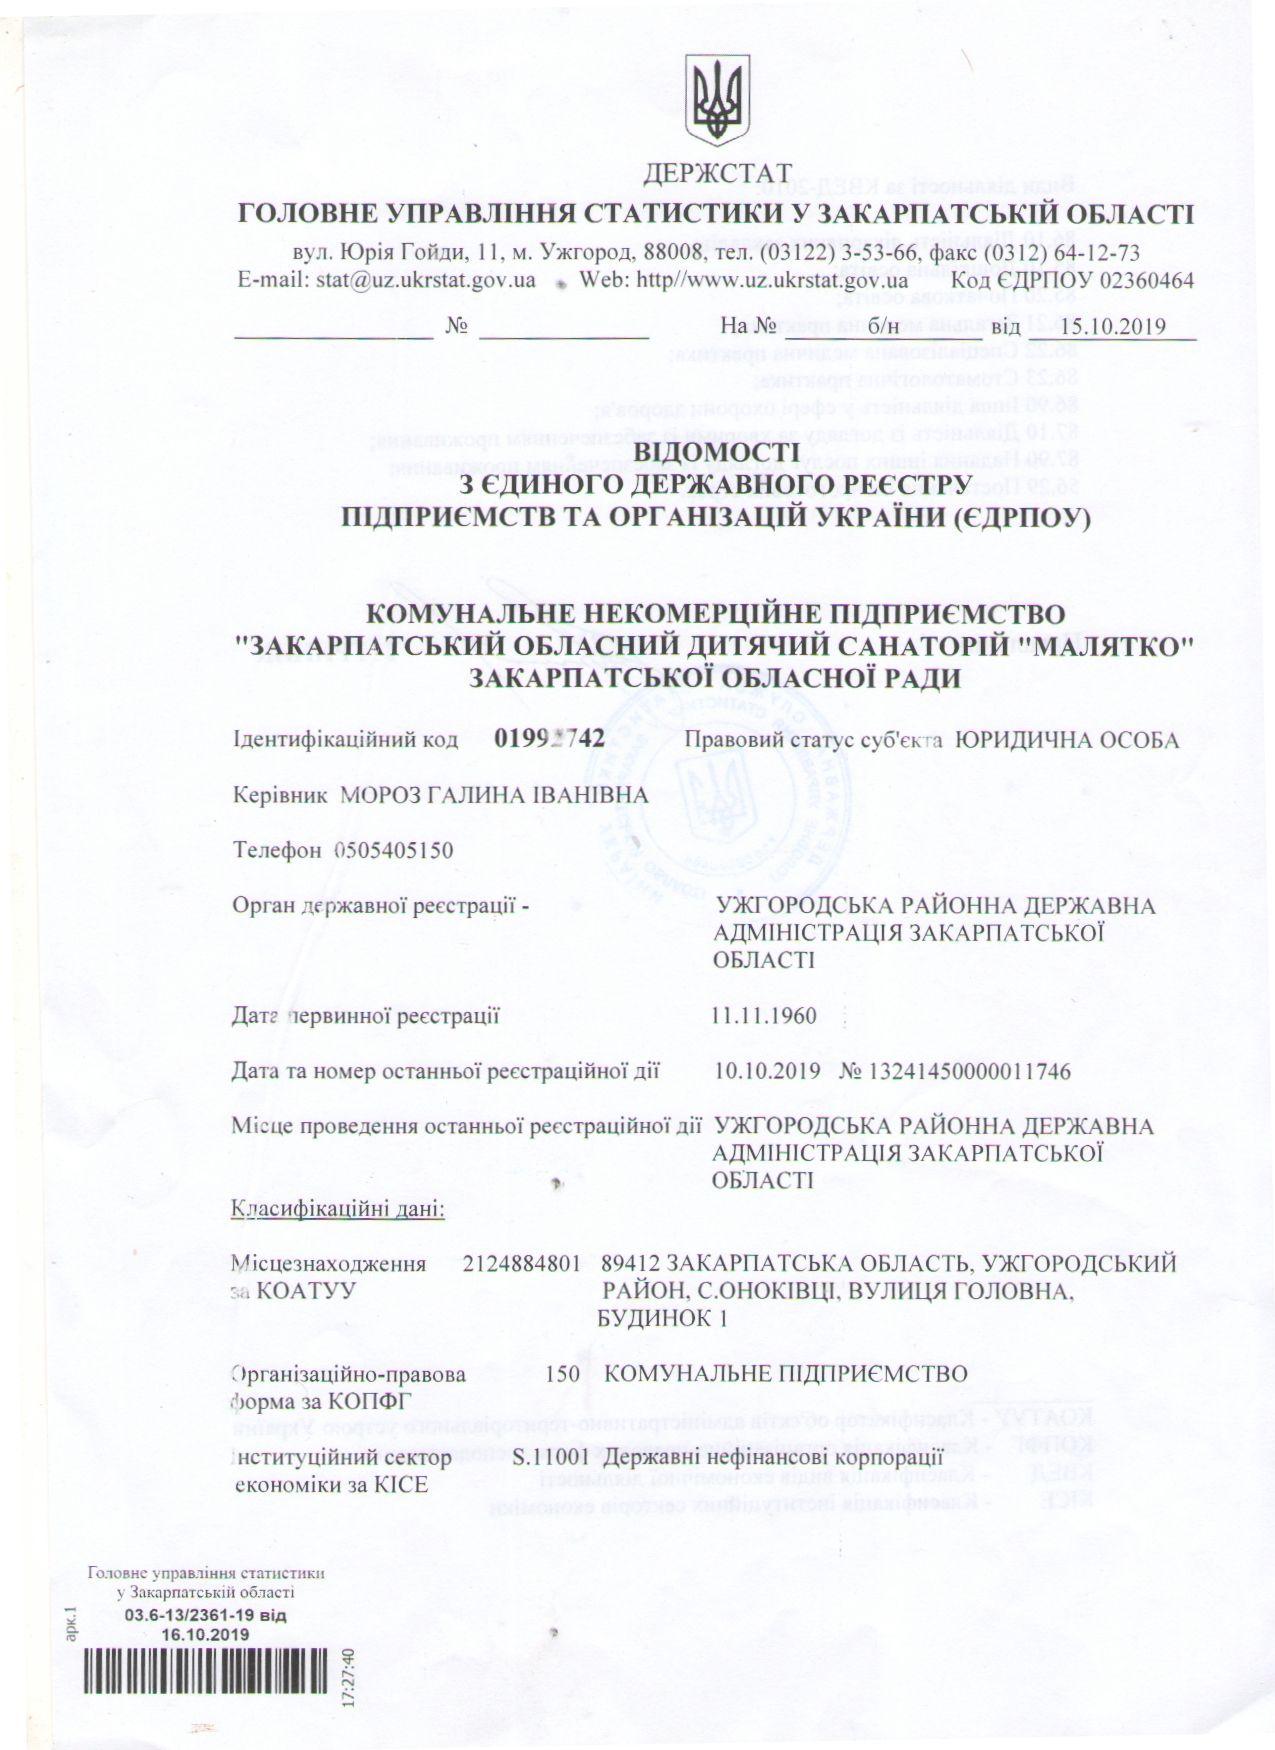 Санаторій Малятко - Нормативно-правова база